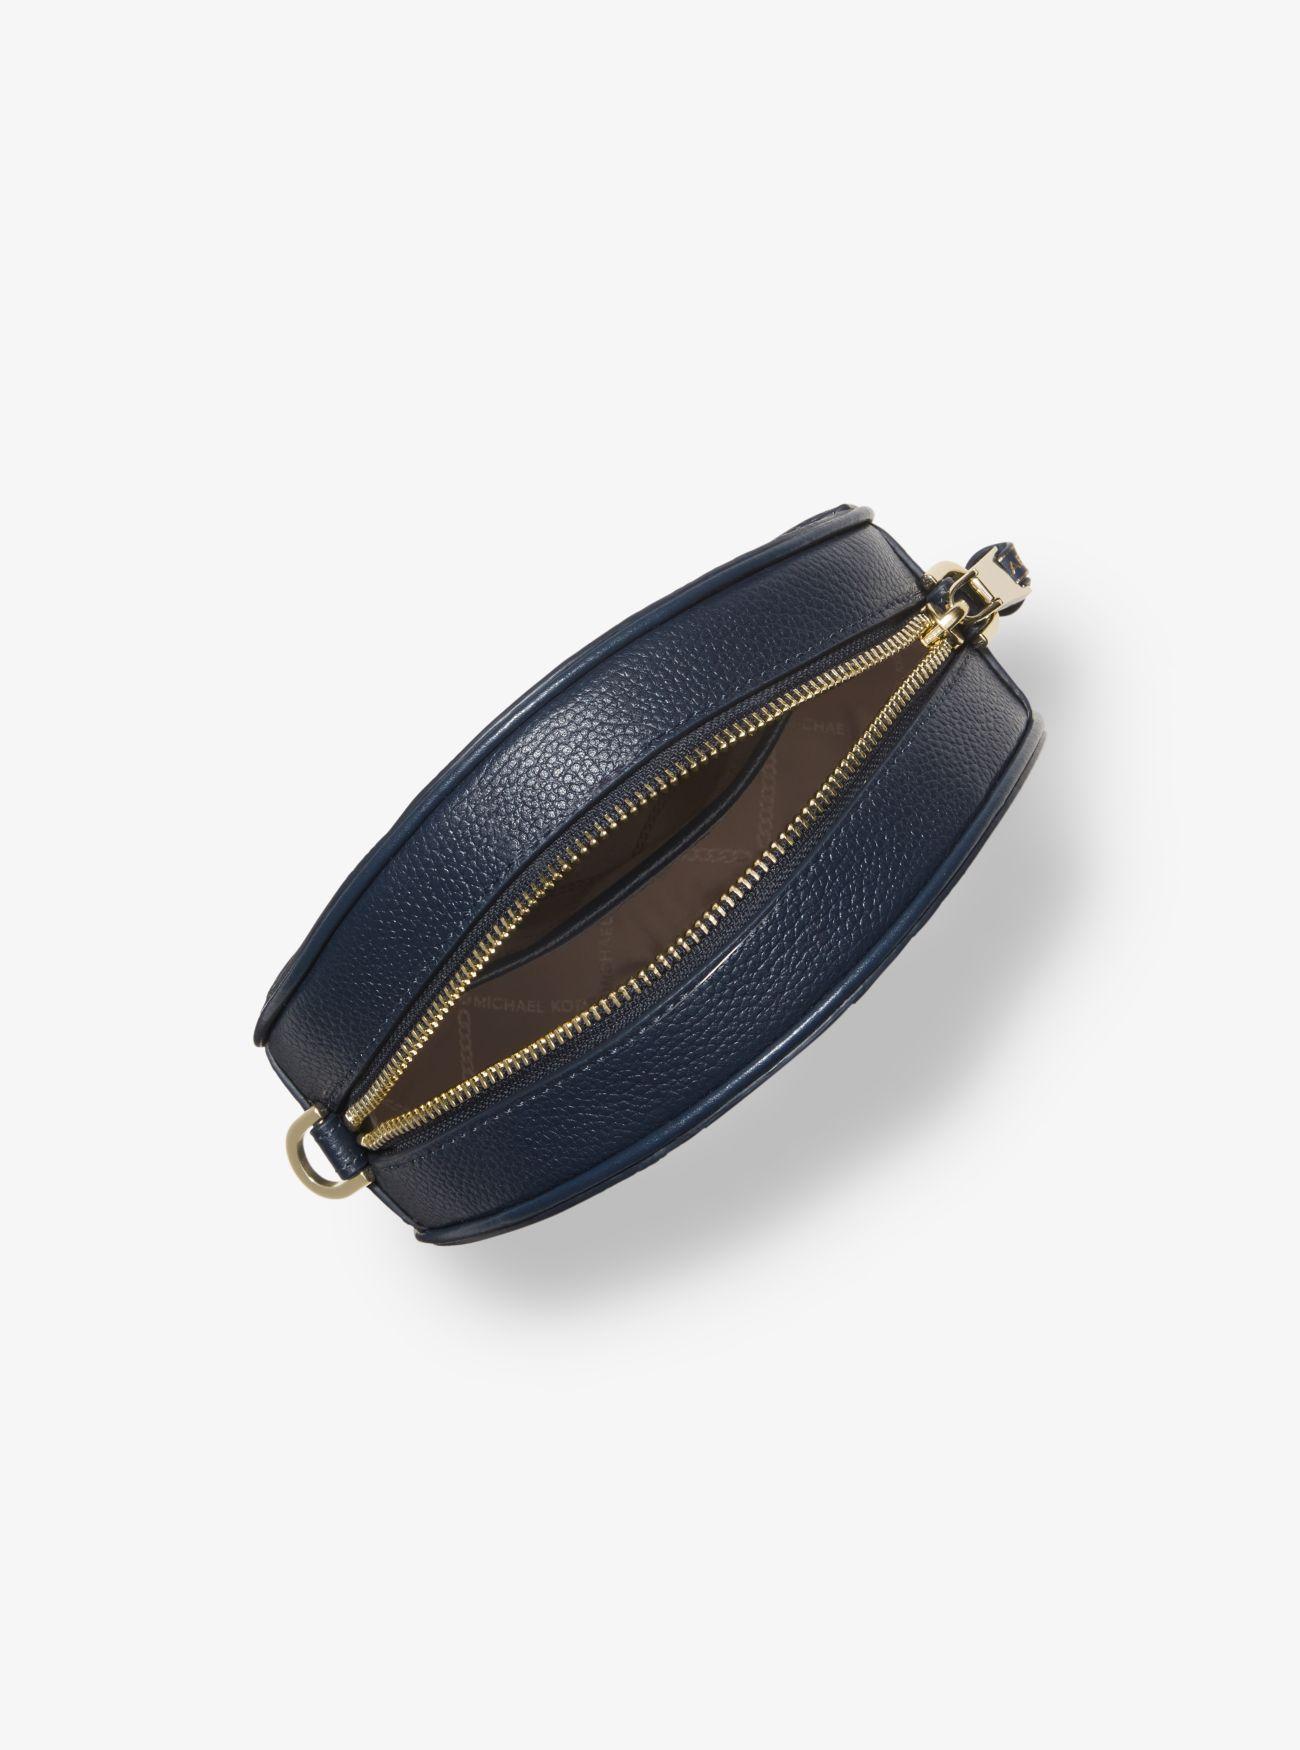 a699264c1a58a Runde Umhängetasche aus gekrispeltem Leder mit Logostreifen Runde  Umhängetasche aus gekrispeltem Leder mit Logostreifen ...